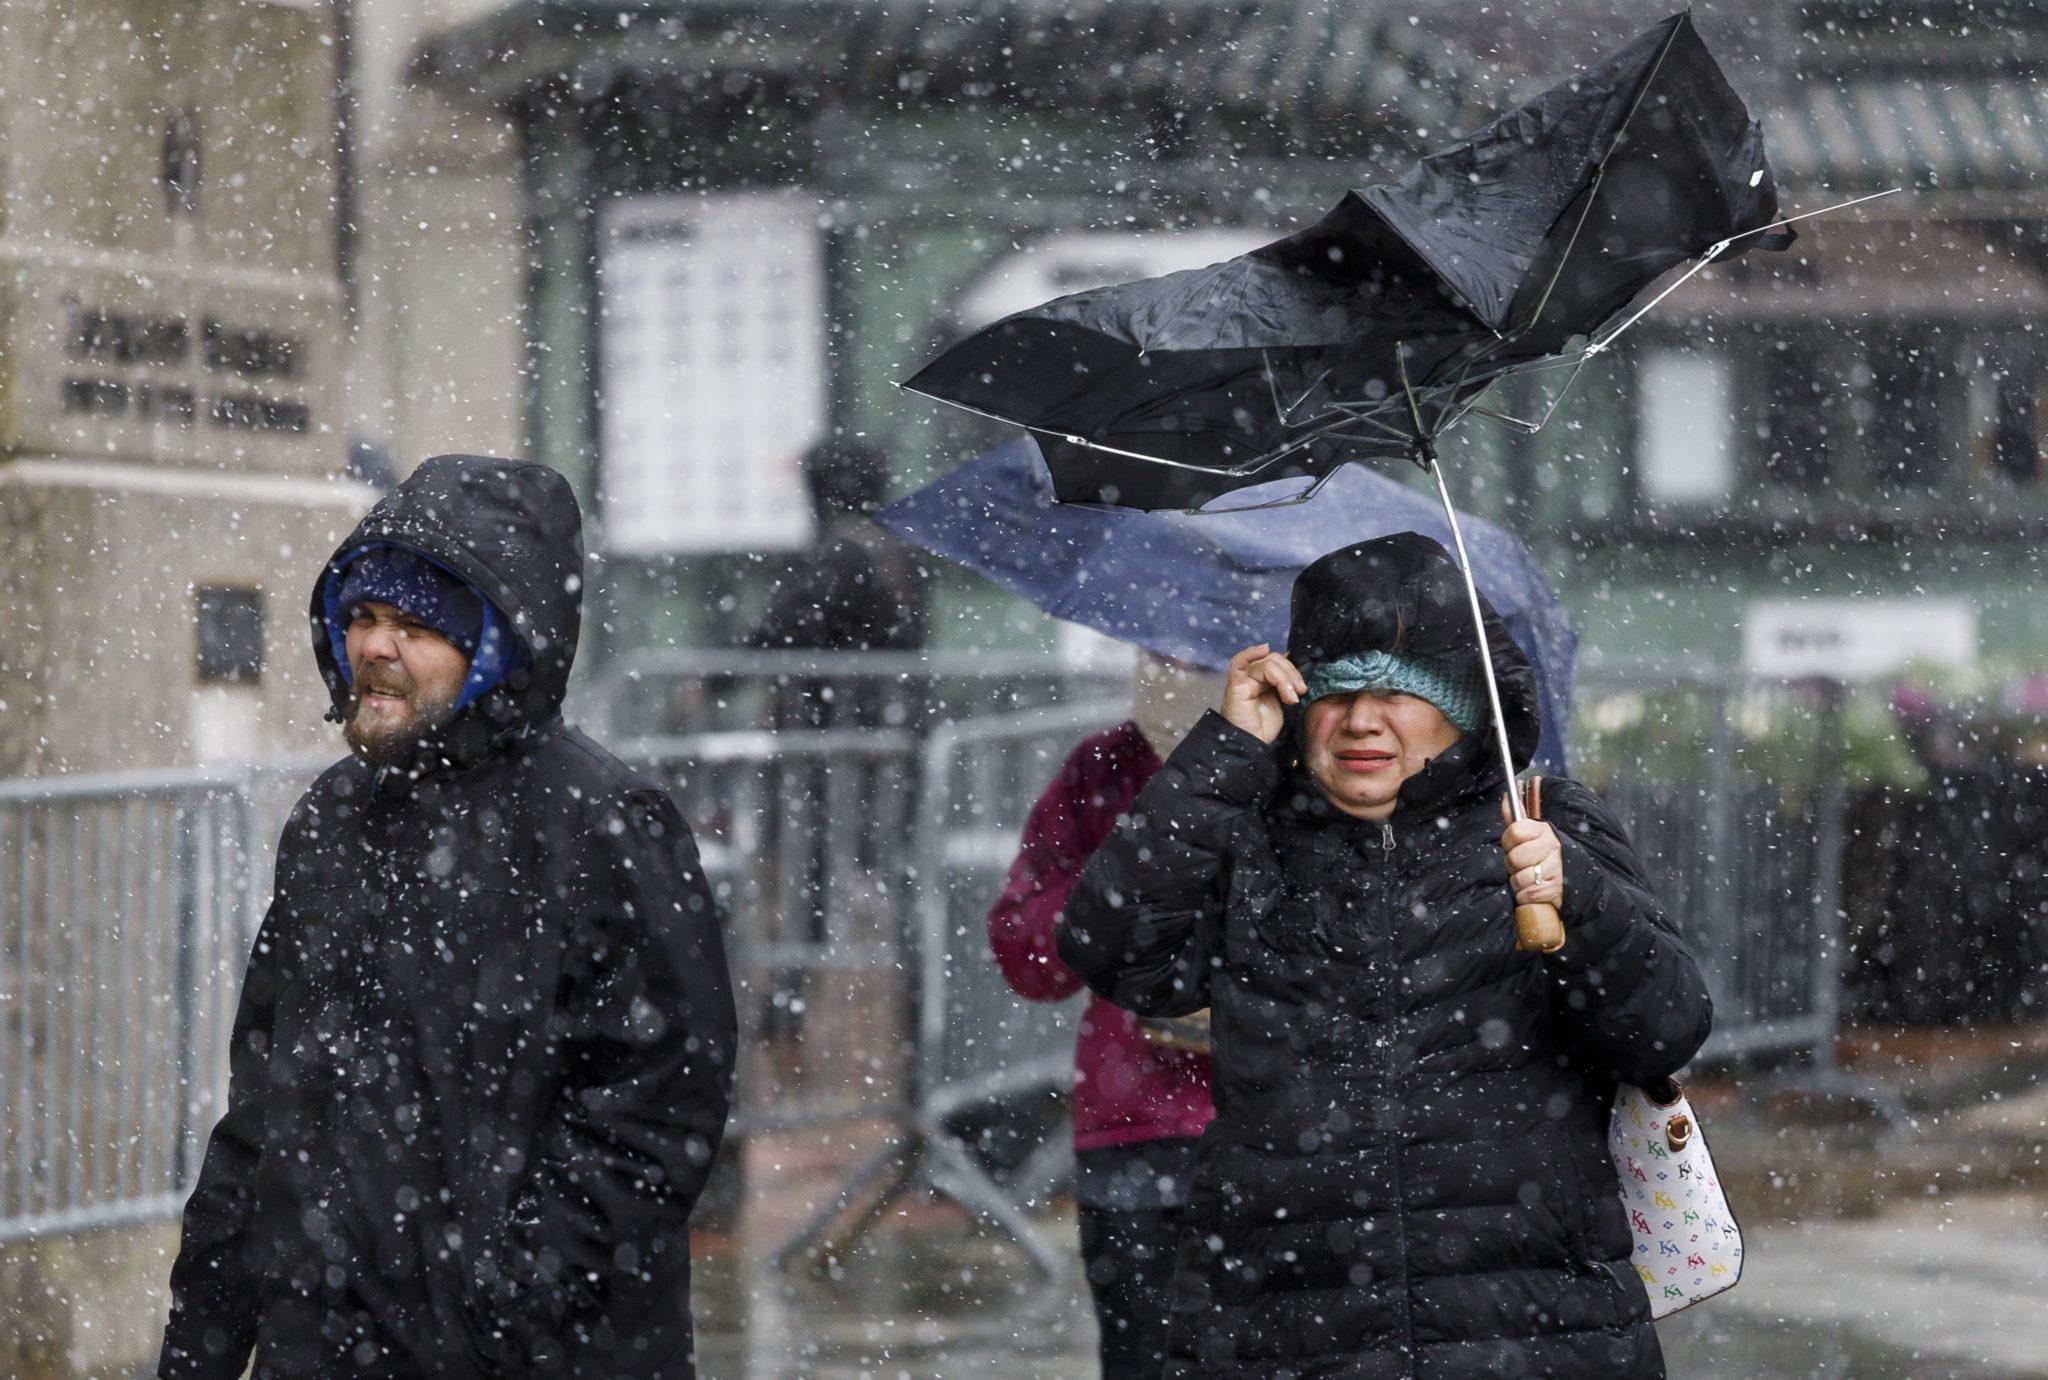 Zimowa wichura w Nowym Jorku, fot. EPA/JUSTIN LANE